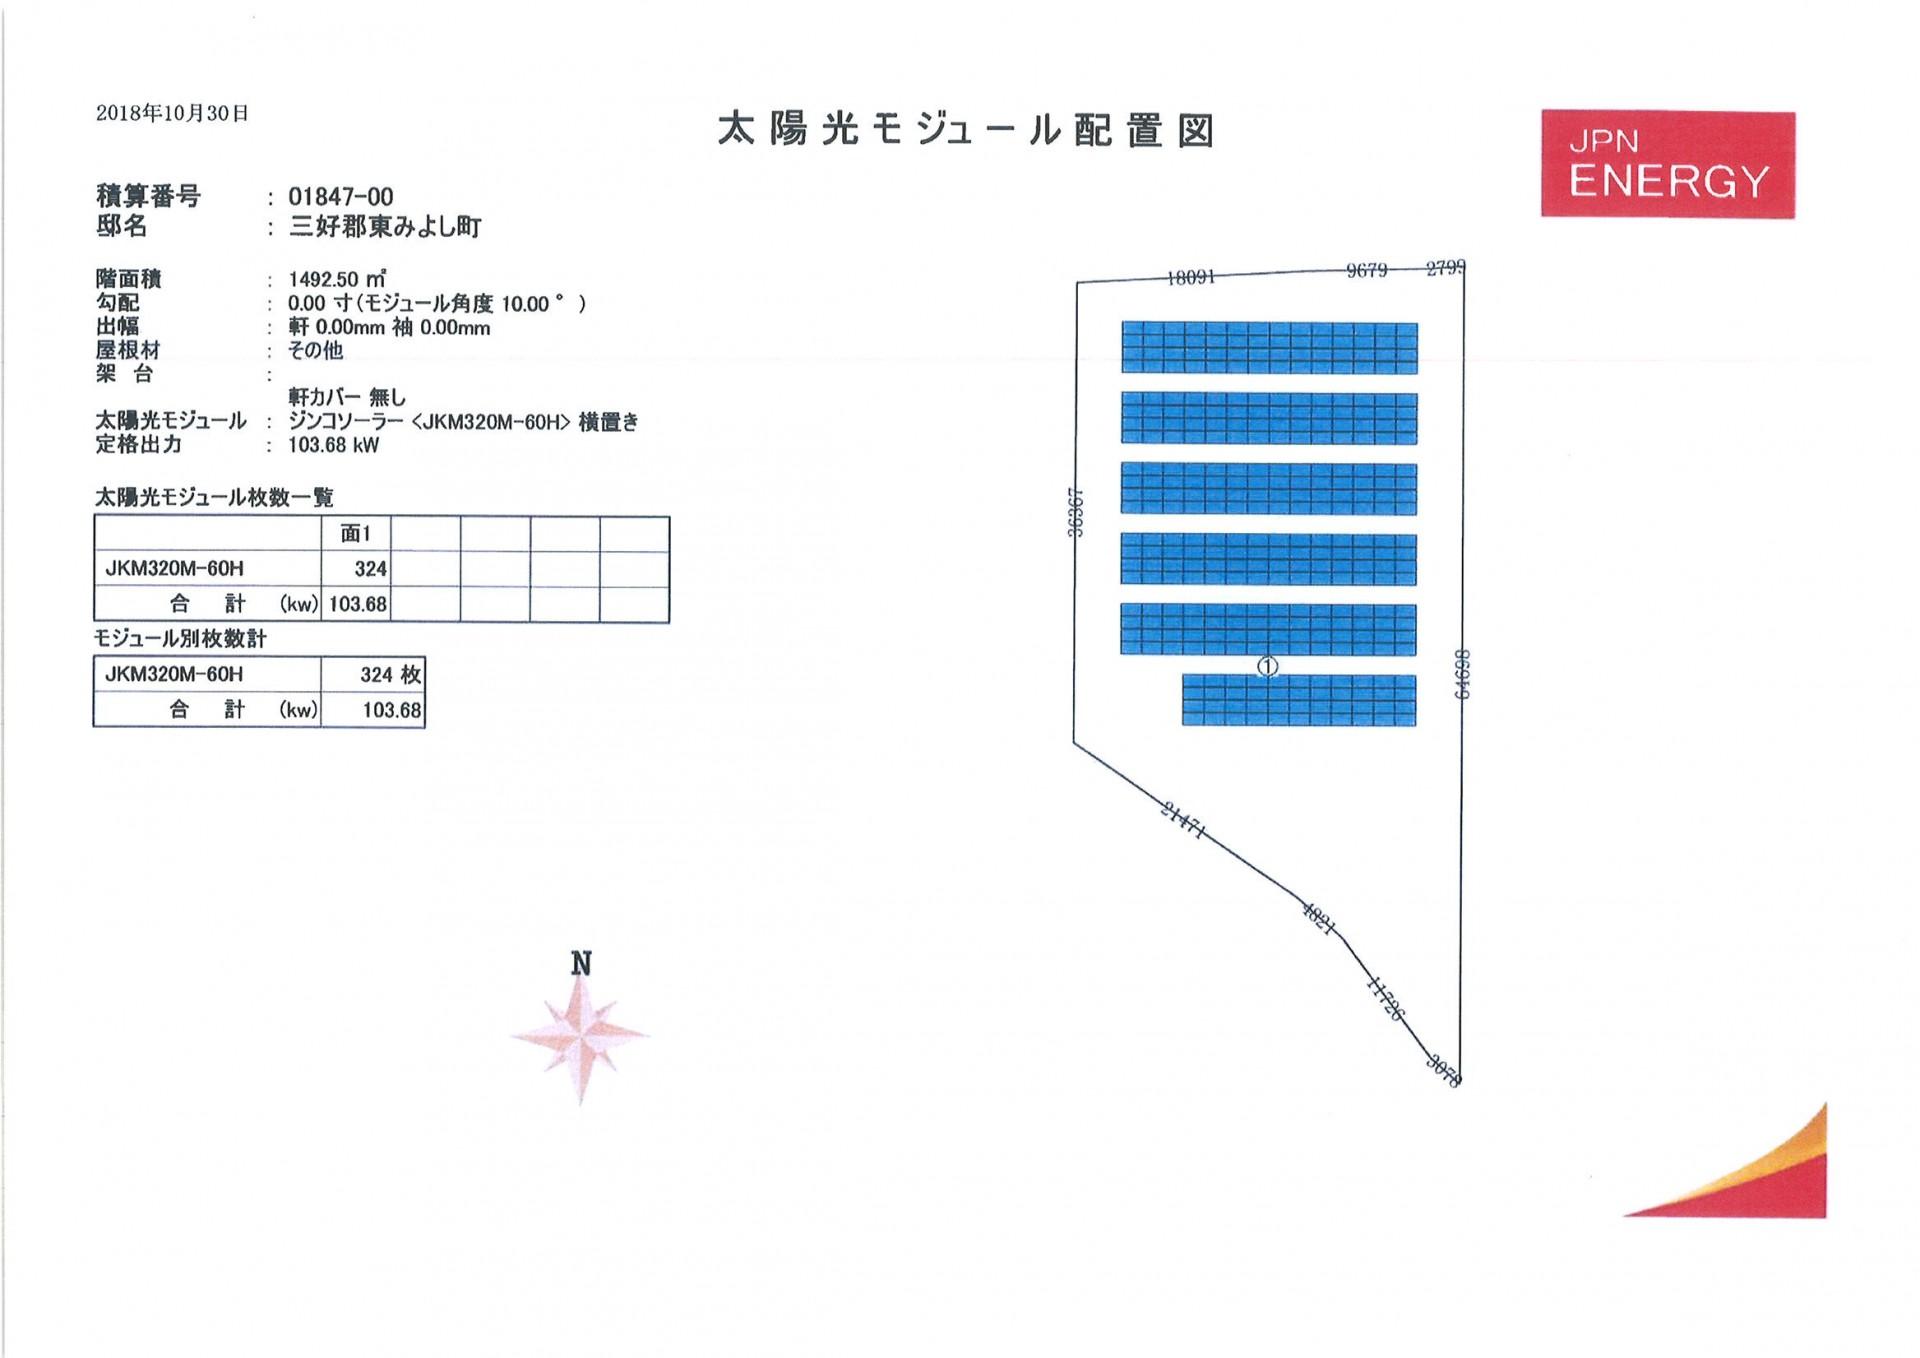 【JPN】FIT18円徳島県三好郡103.68kwのメイン画像